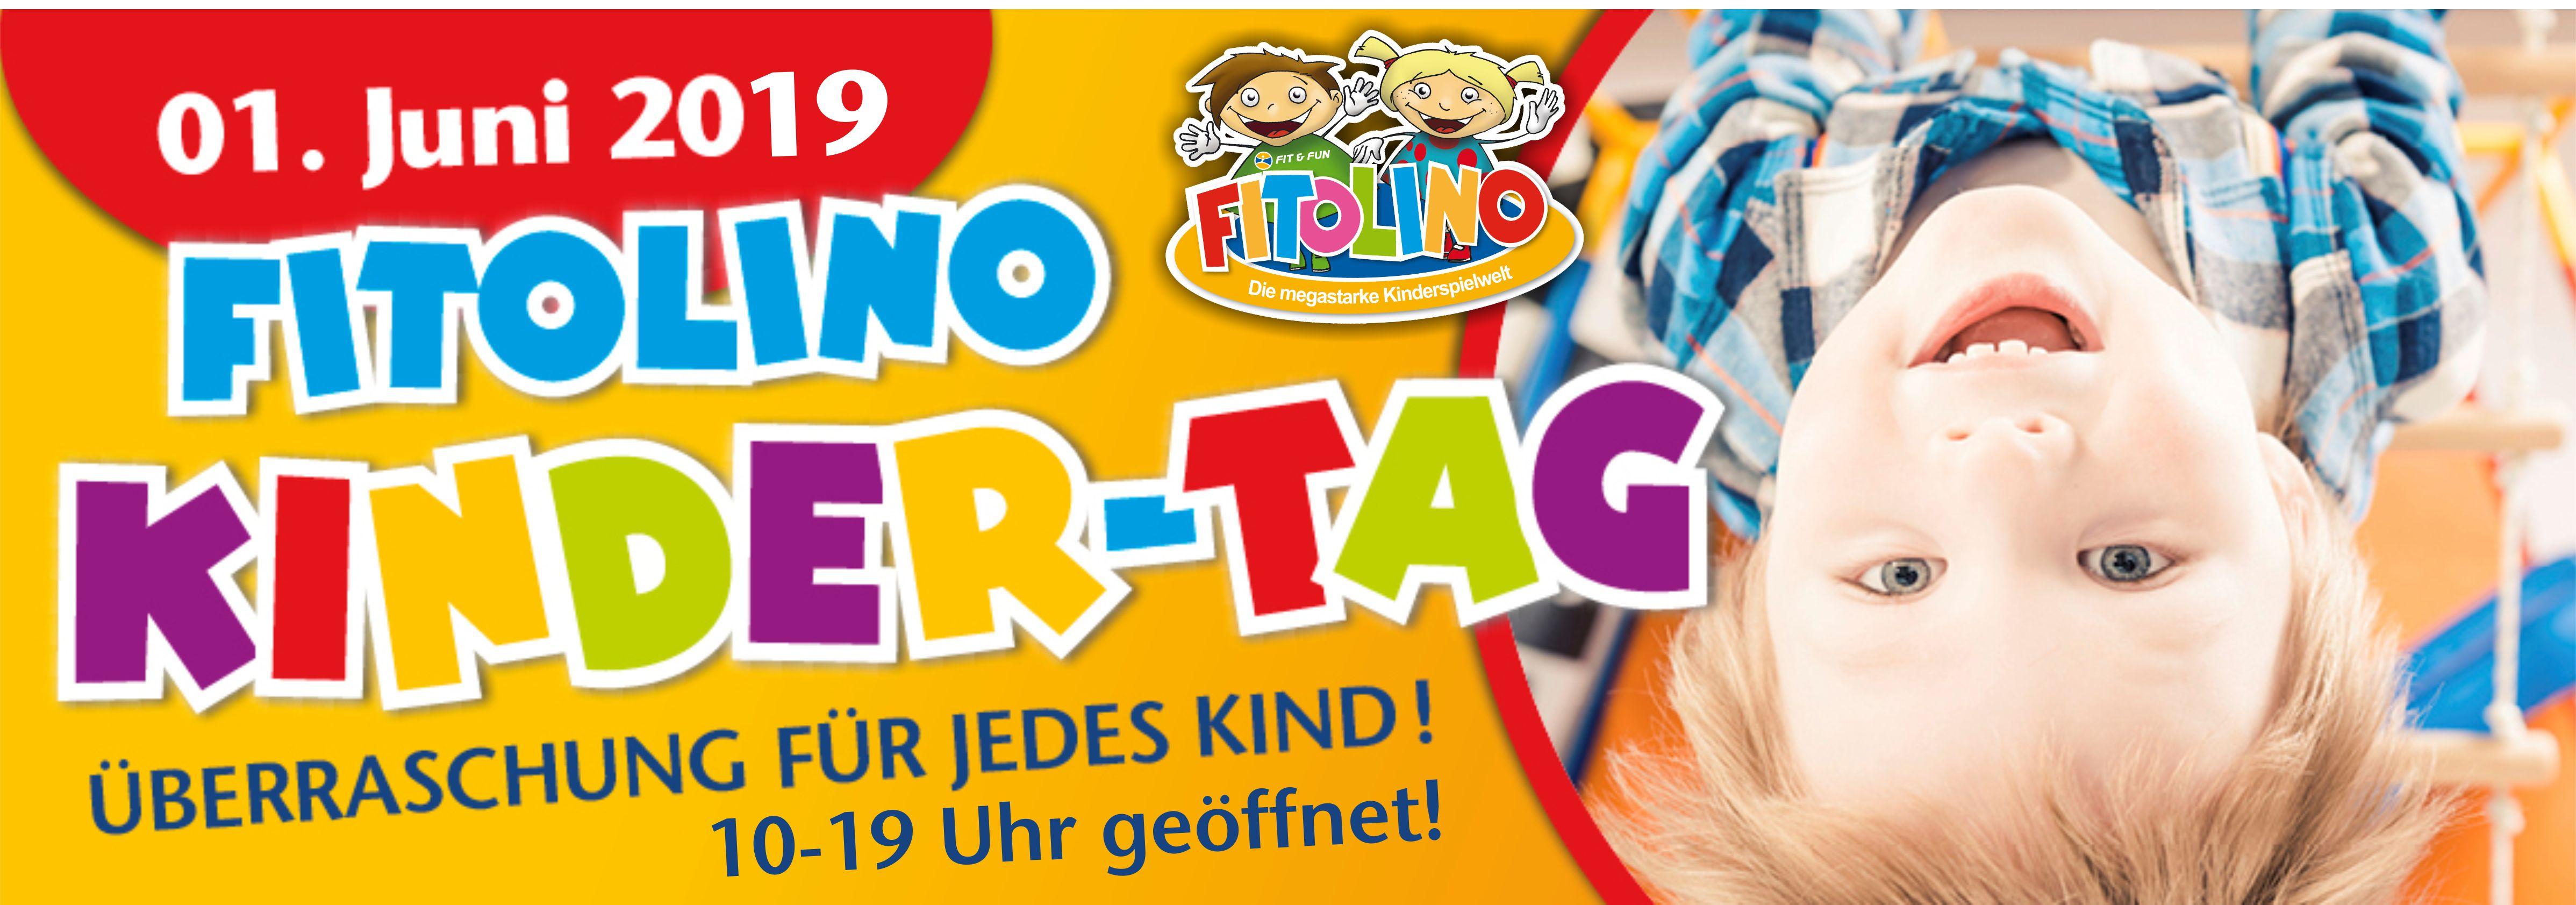 Slider-Kindertag-2019-1